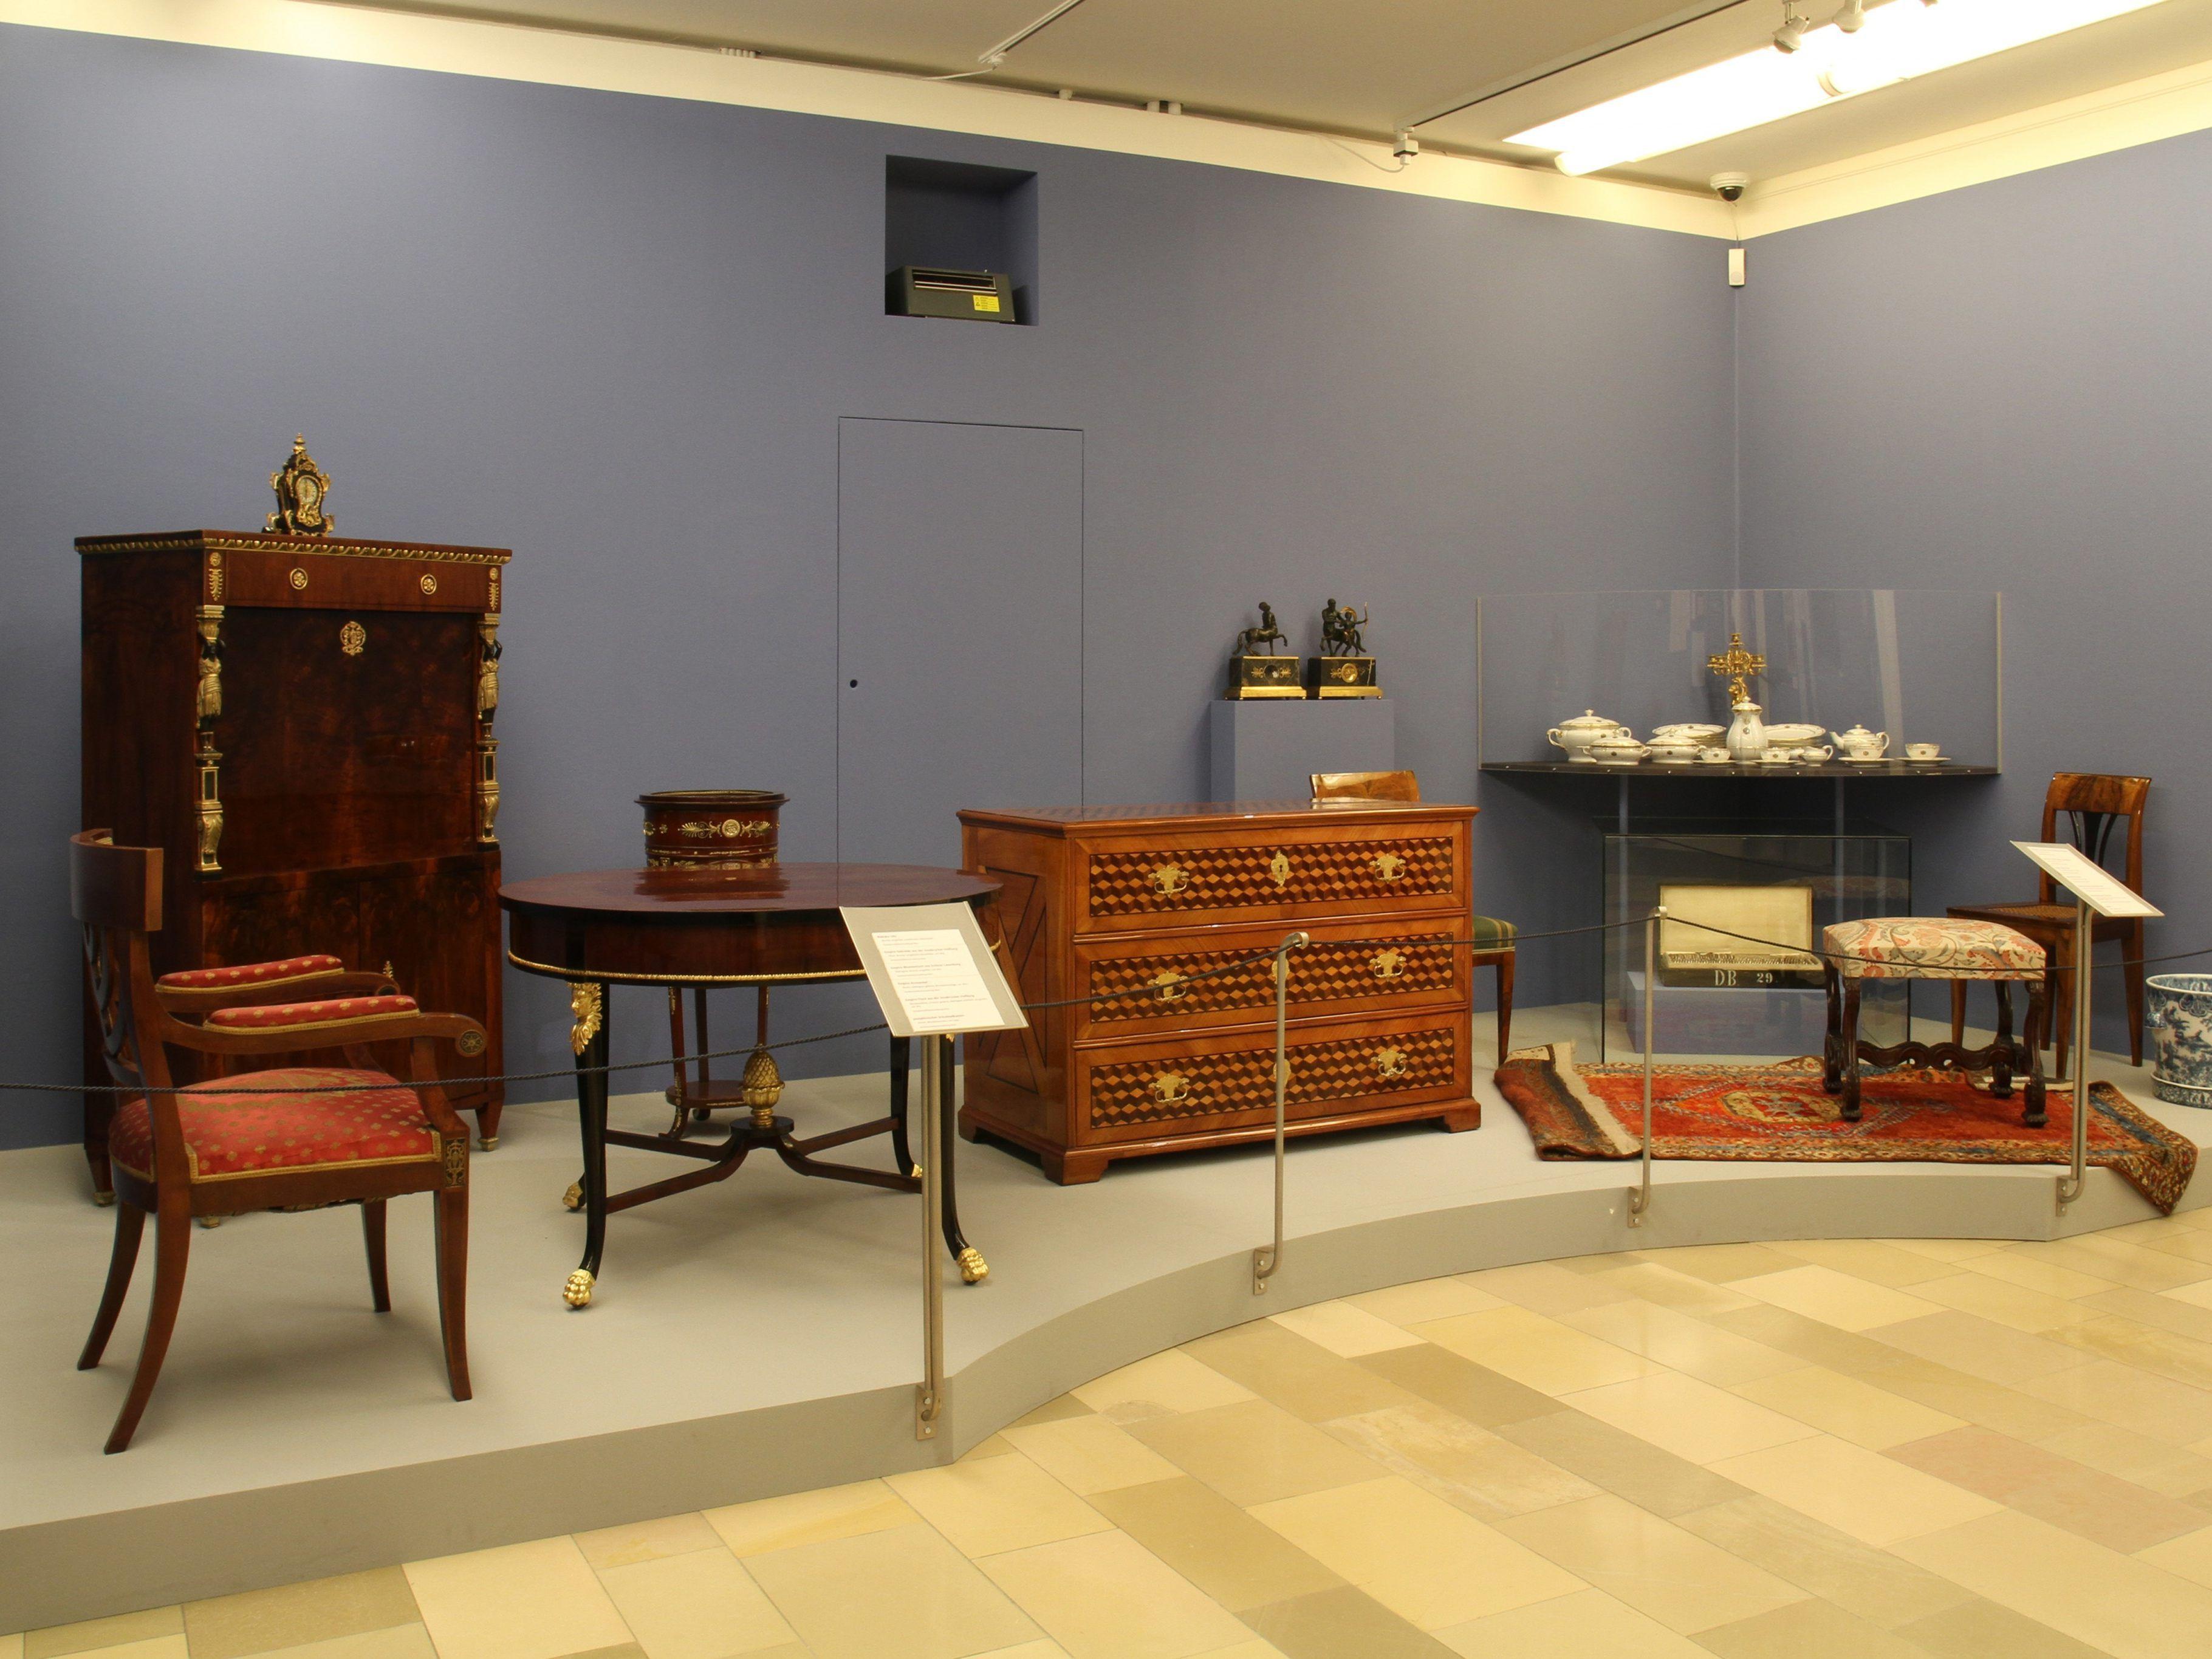 350c4ddfad5fd5 Möbel Museum Wien  Das wurde aus dem habsburgischen Erbe - Vienna Online